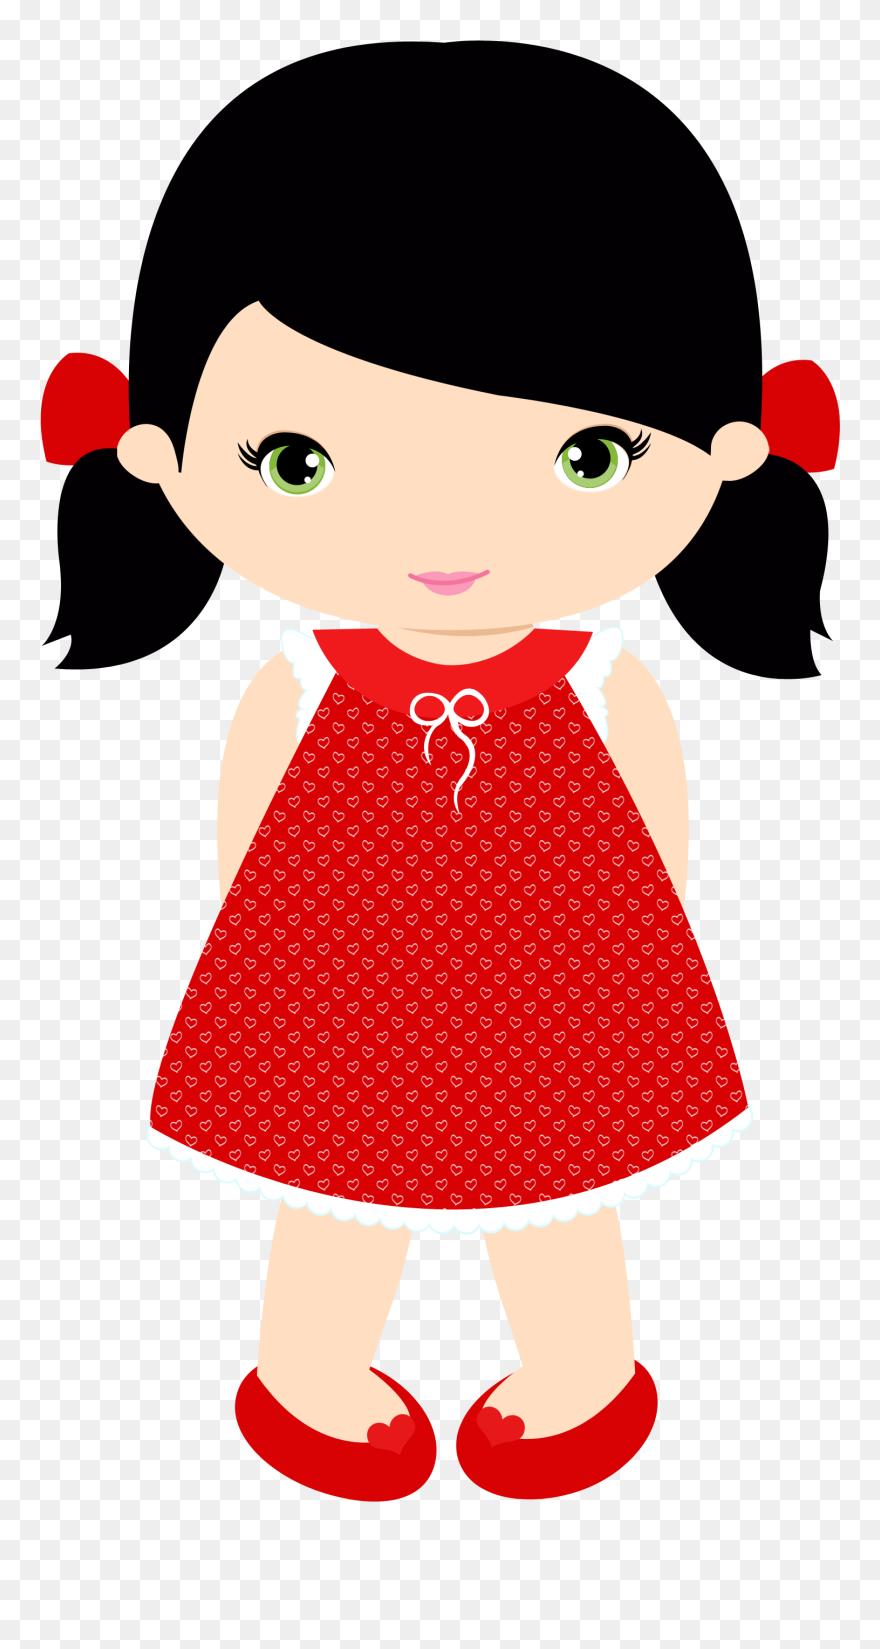 Little Girl Clip Art - Little Girl Clipart - Png Download ...